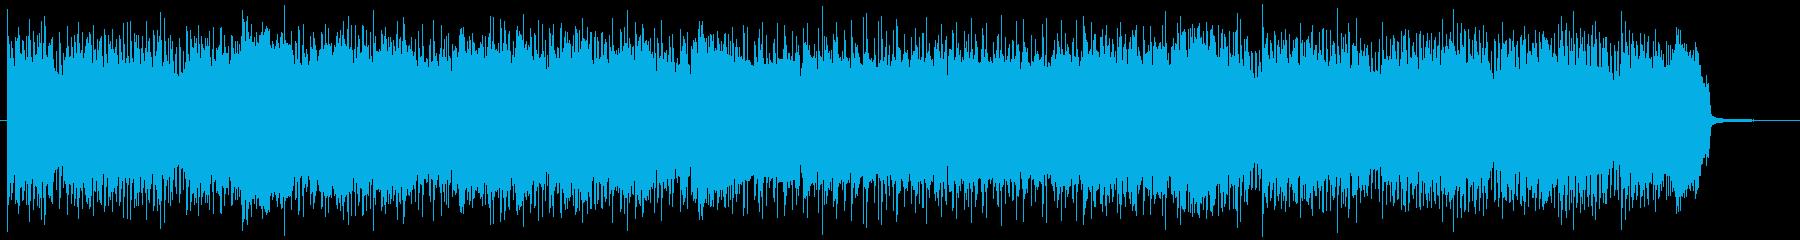 和ものの緊張感あるメタルロックの再生済みの波形